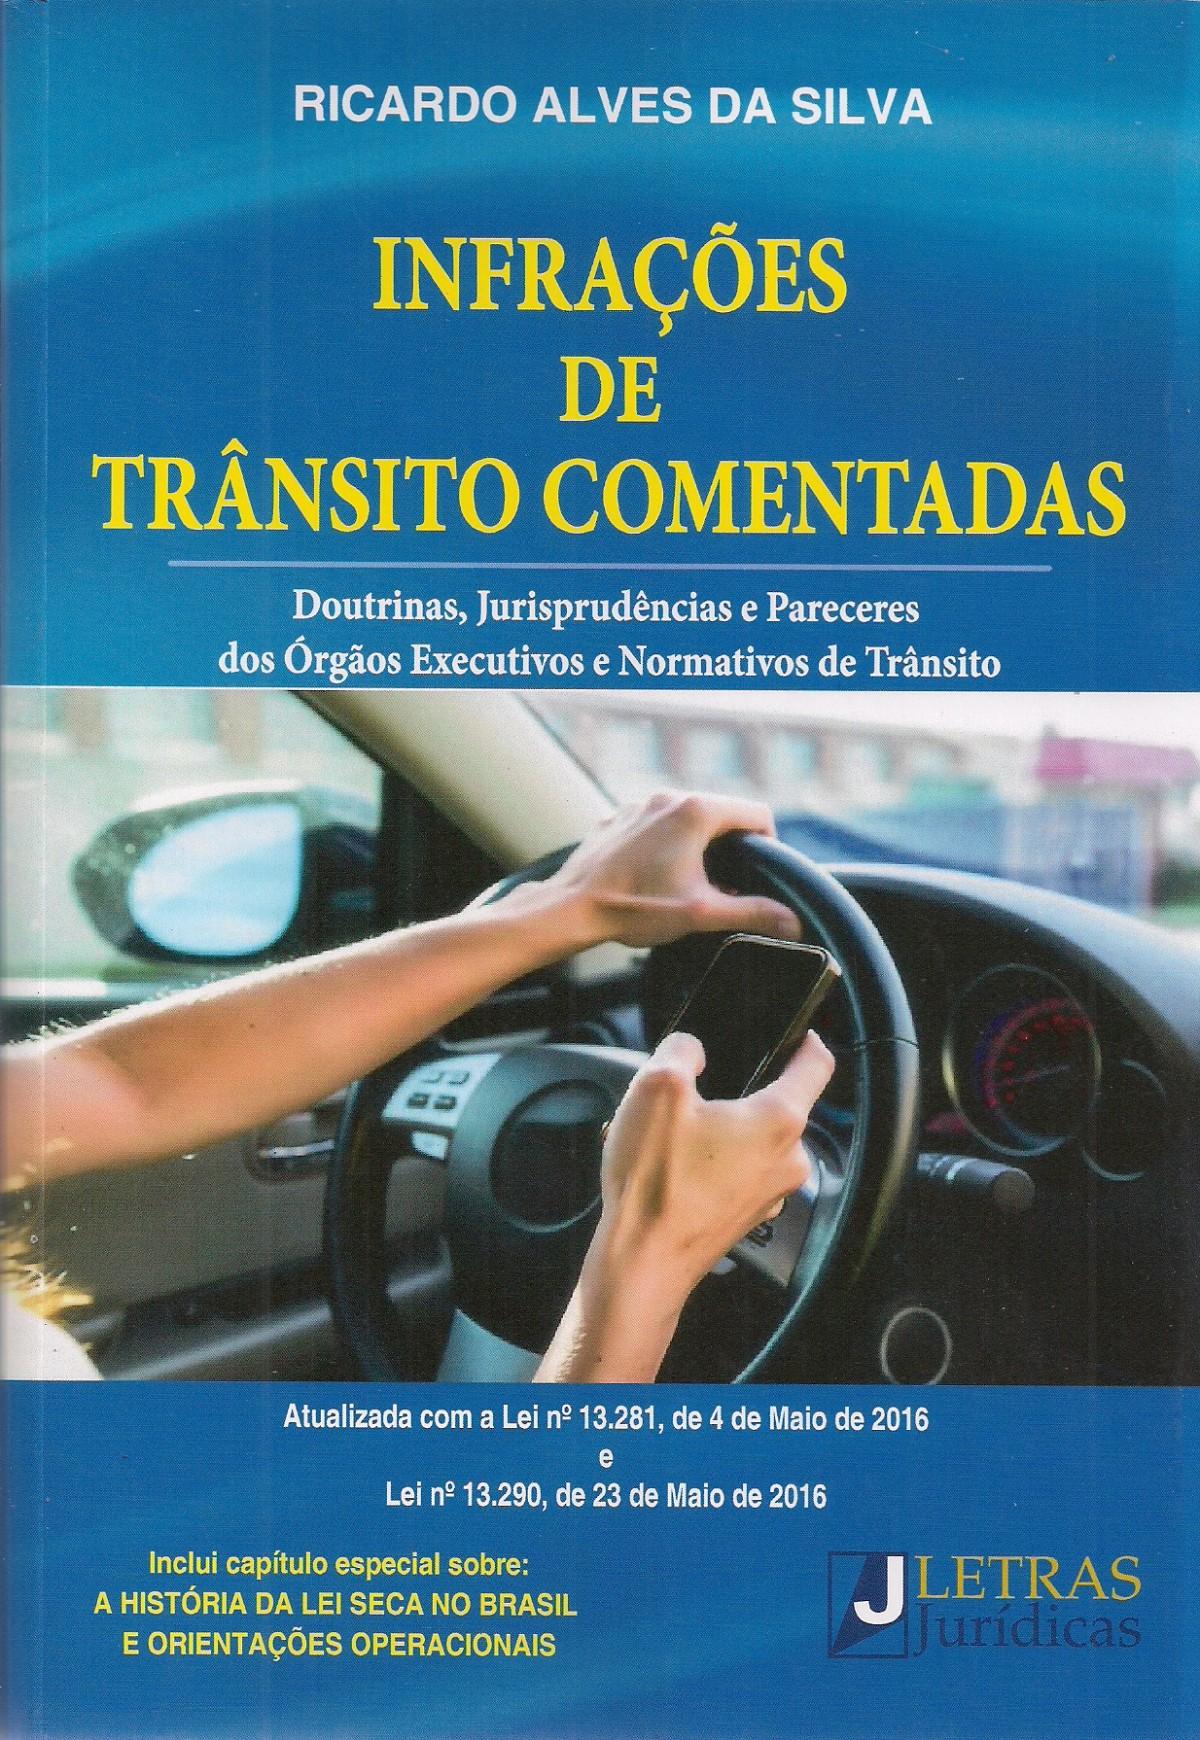 Foto 1 - Infrações de Trânsito Comentadas